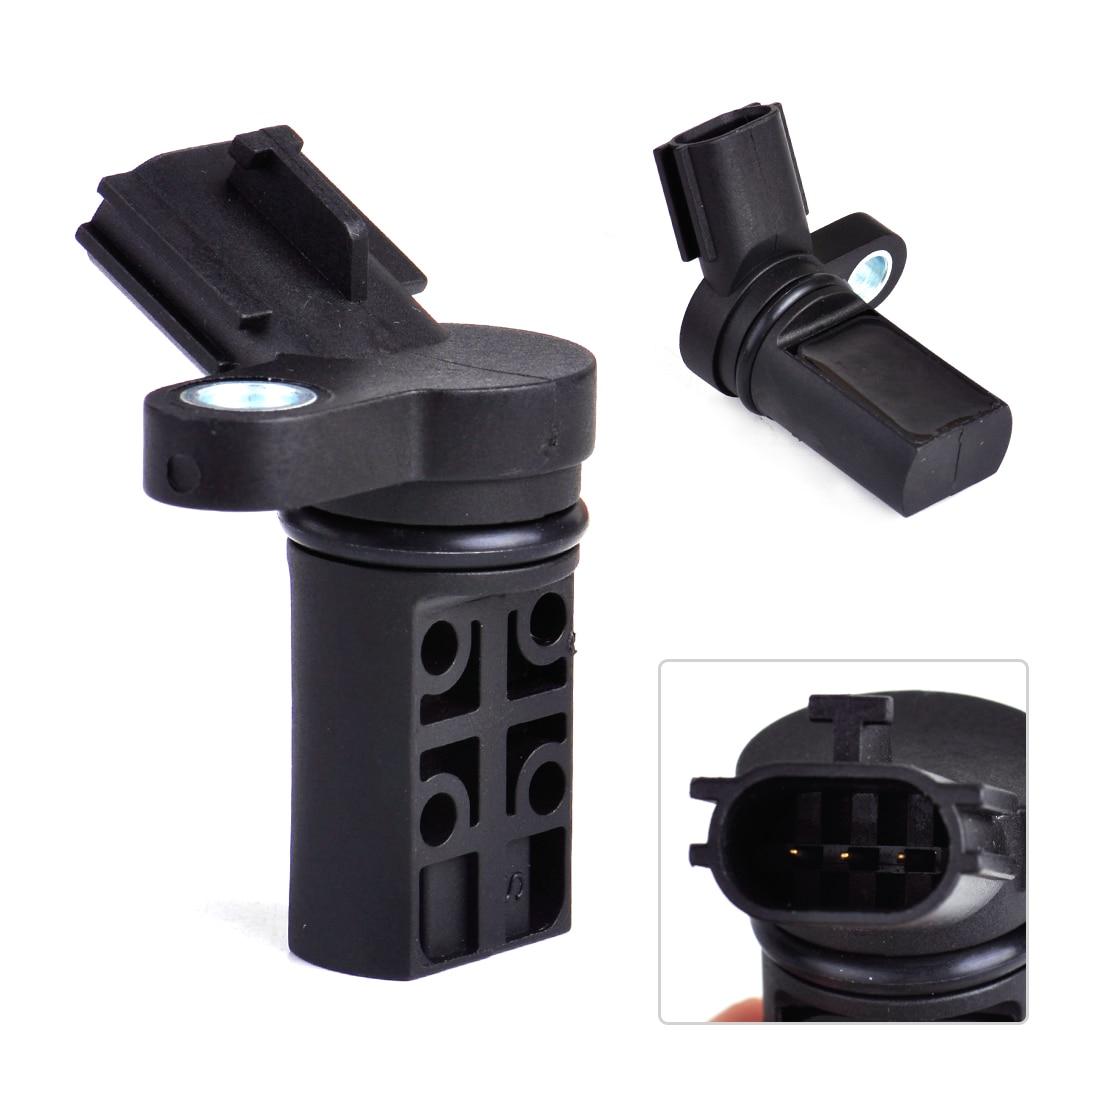 Dwcx 3pin car crankshaft crank position sensor 23731 4m500 237314m500 adn17201c 550526 for infiniti fx45